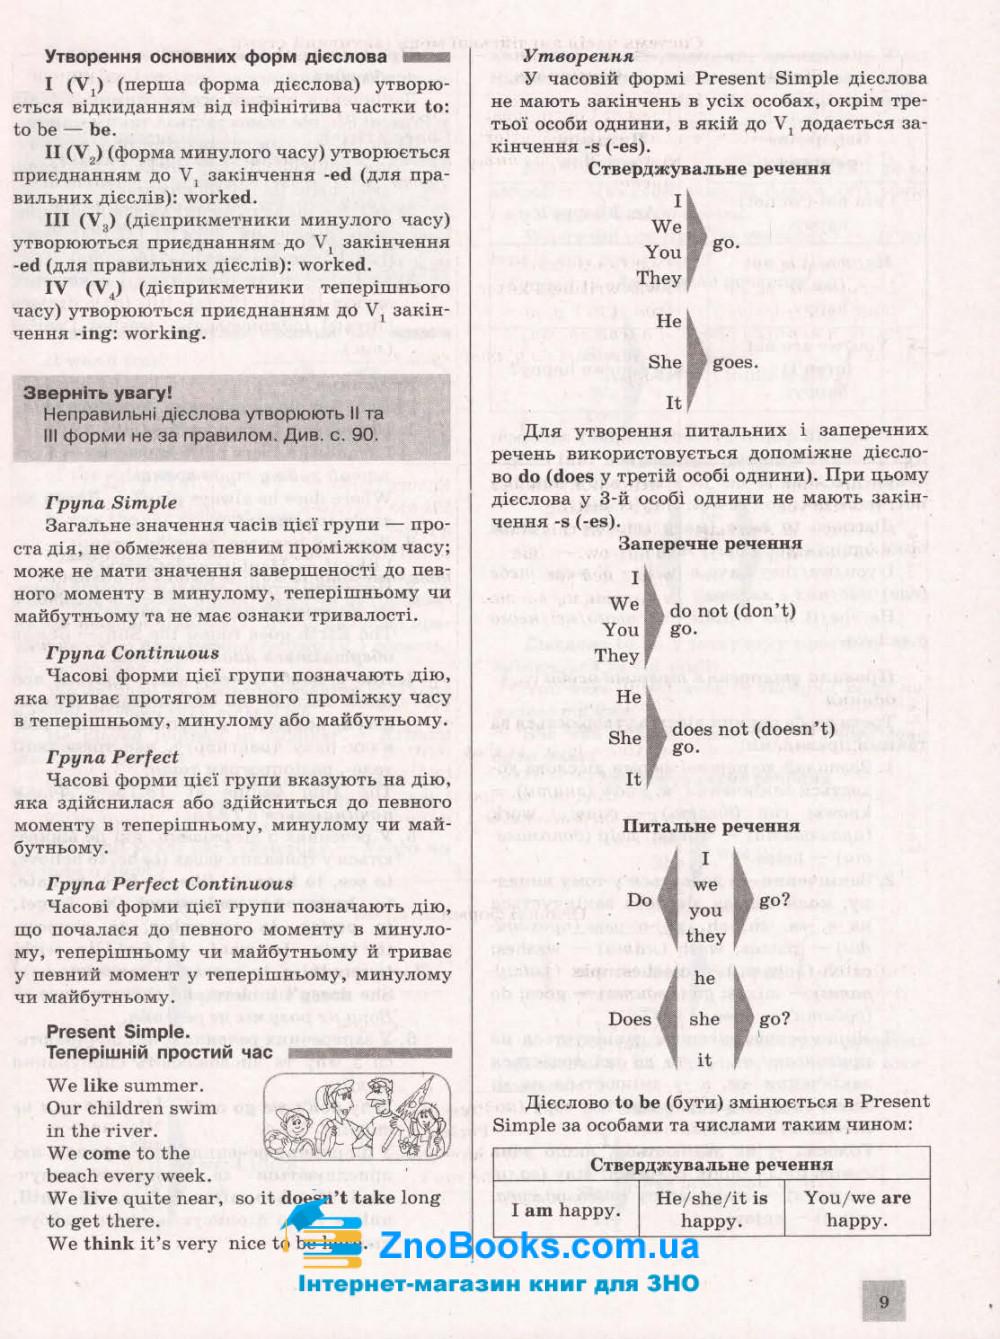 Англійська мова ЗНО 2021. Комплексне видання + типові тестові /КОМПЛЕКТ/ : Чернишова Ю., Мясоєдова С. Літера 5